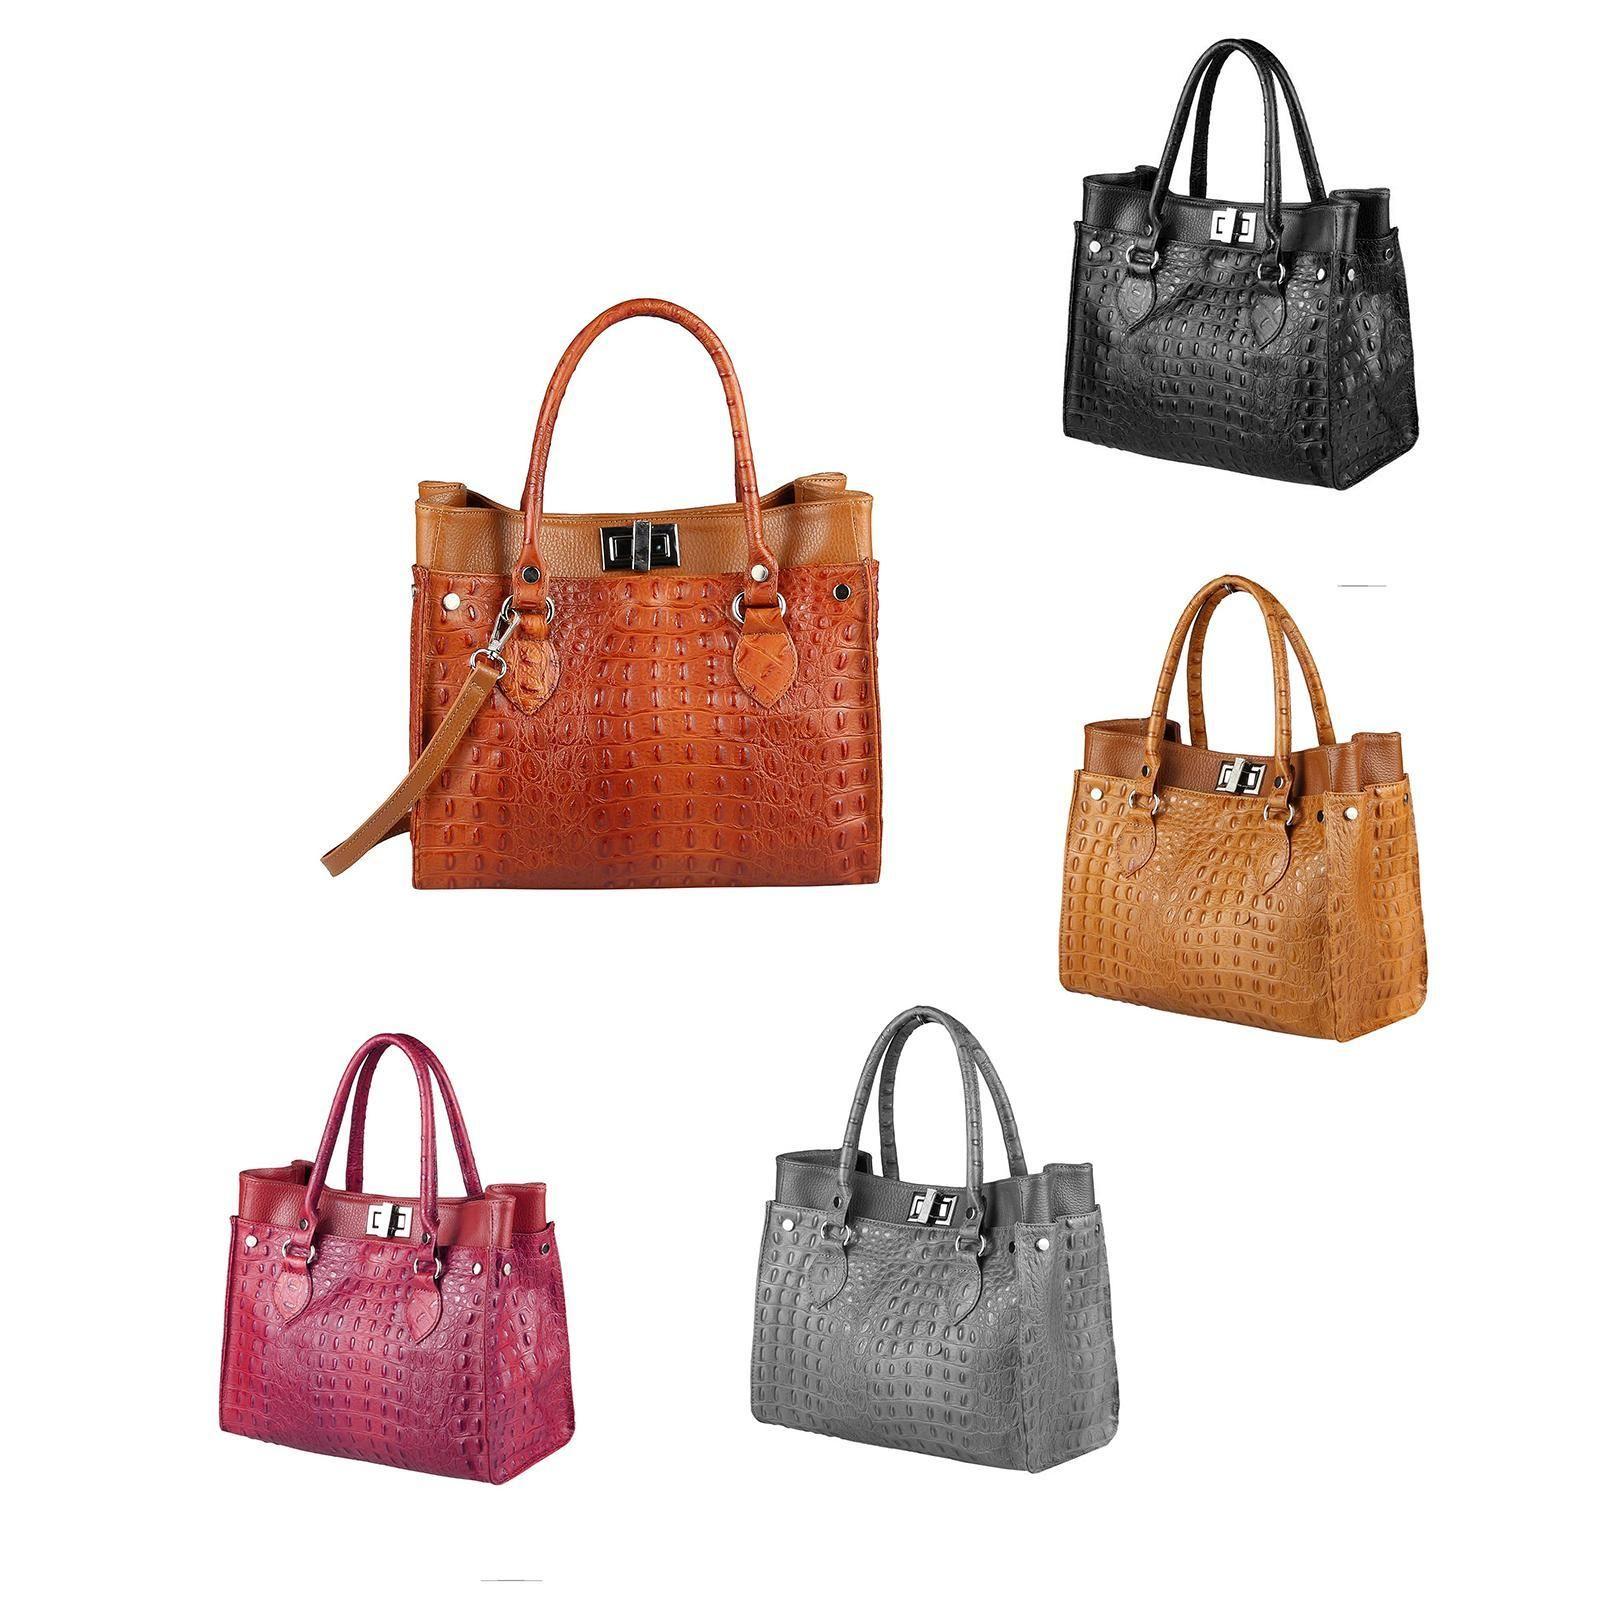 7ca9a513281d3 OBC Made in Italy DAMEN LEDER TASCHE Business Schultertasche Shopper  Handtasche Kroko-Prägung Umhängetasche